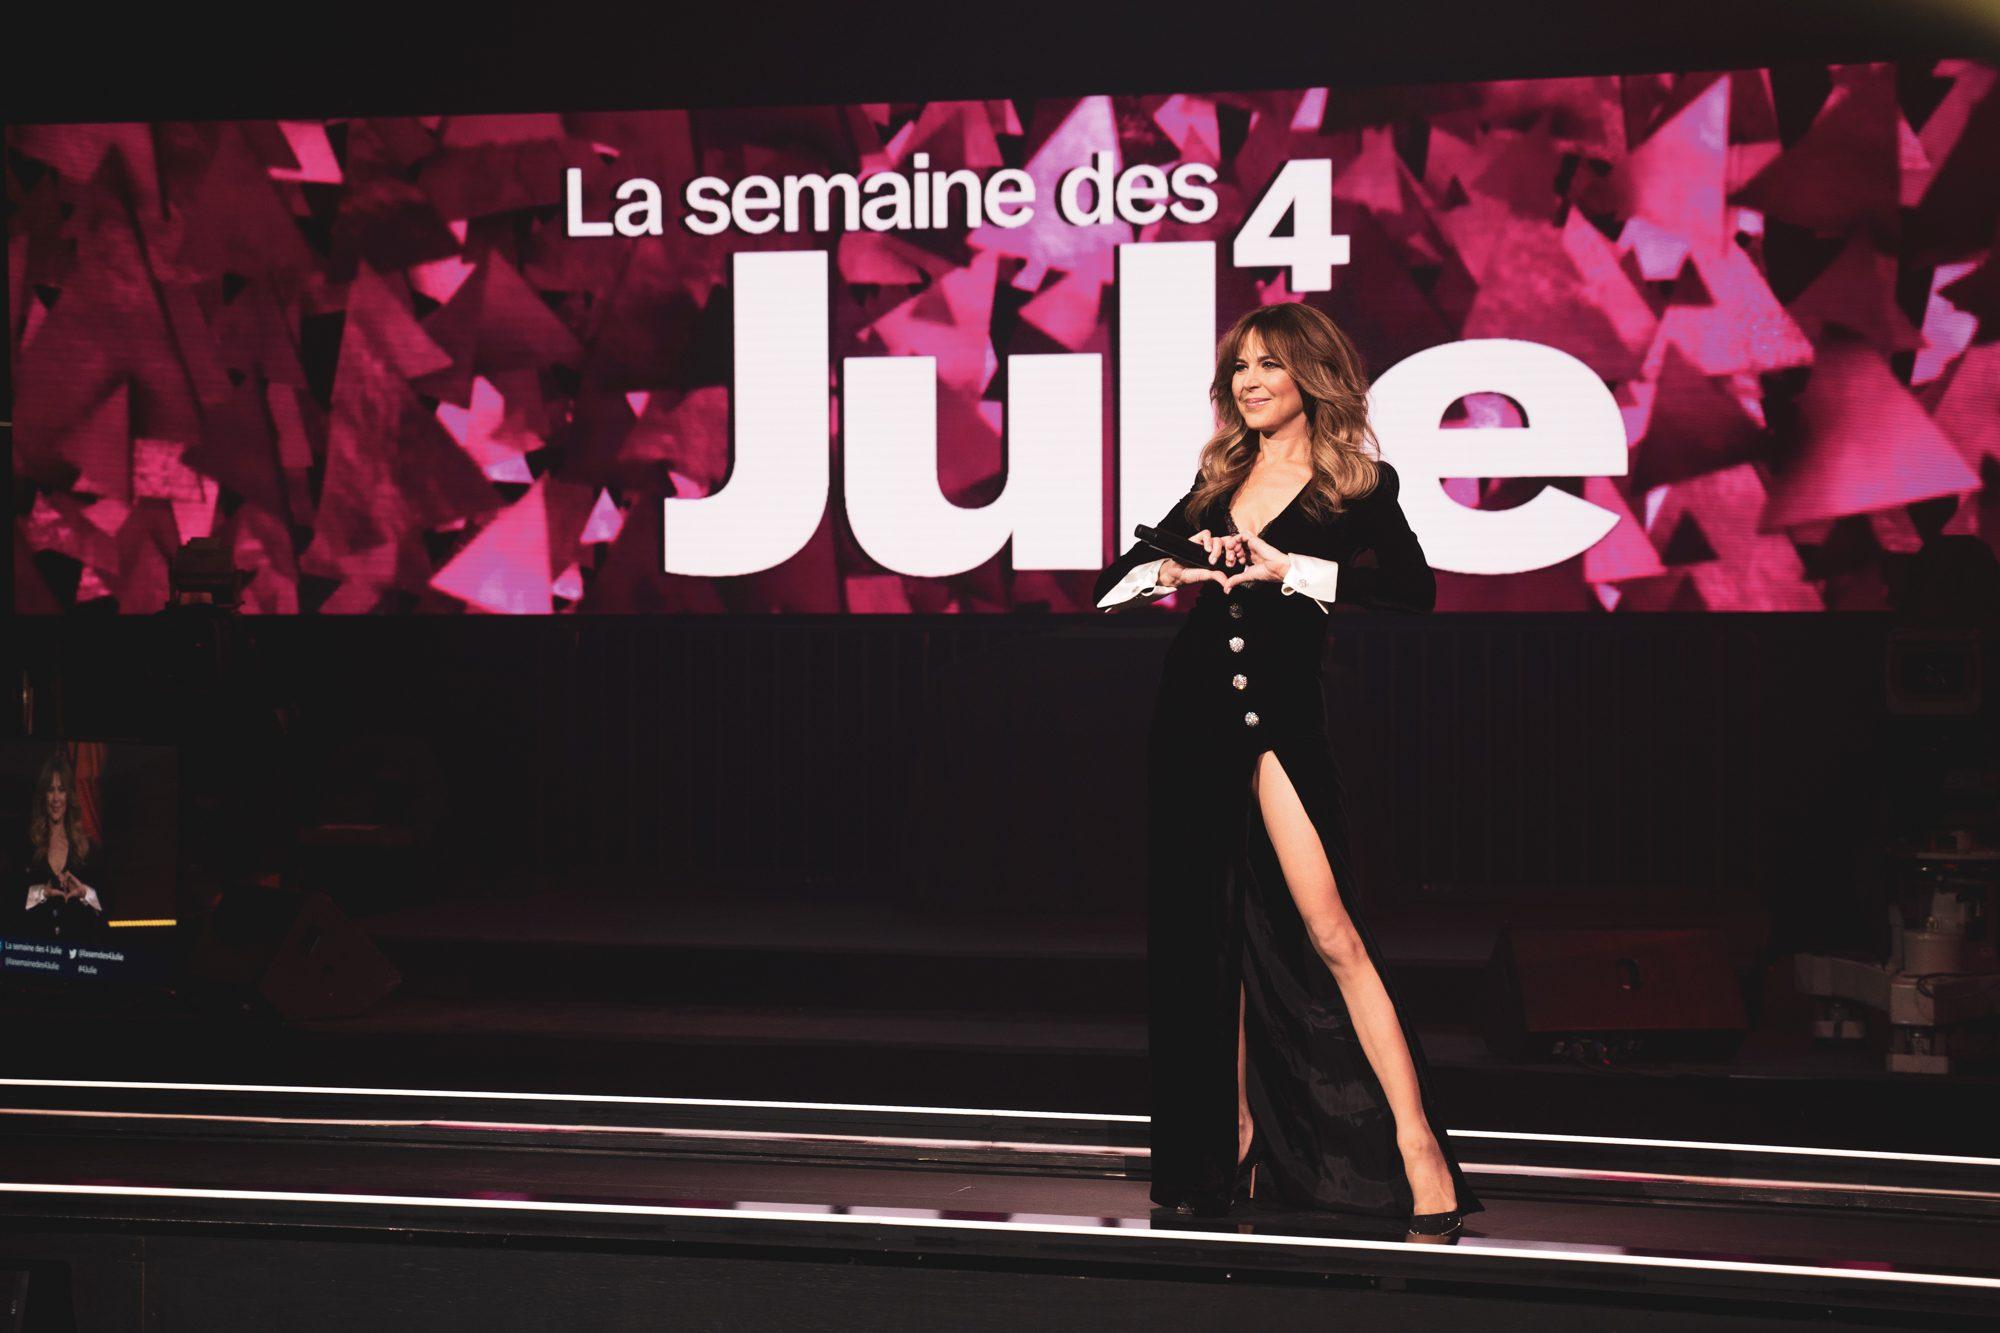 La semaine des 4 Julie enfin de retour!